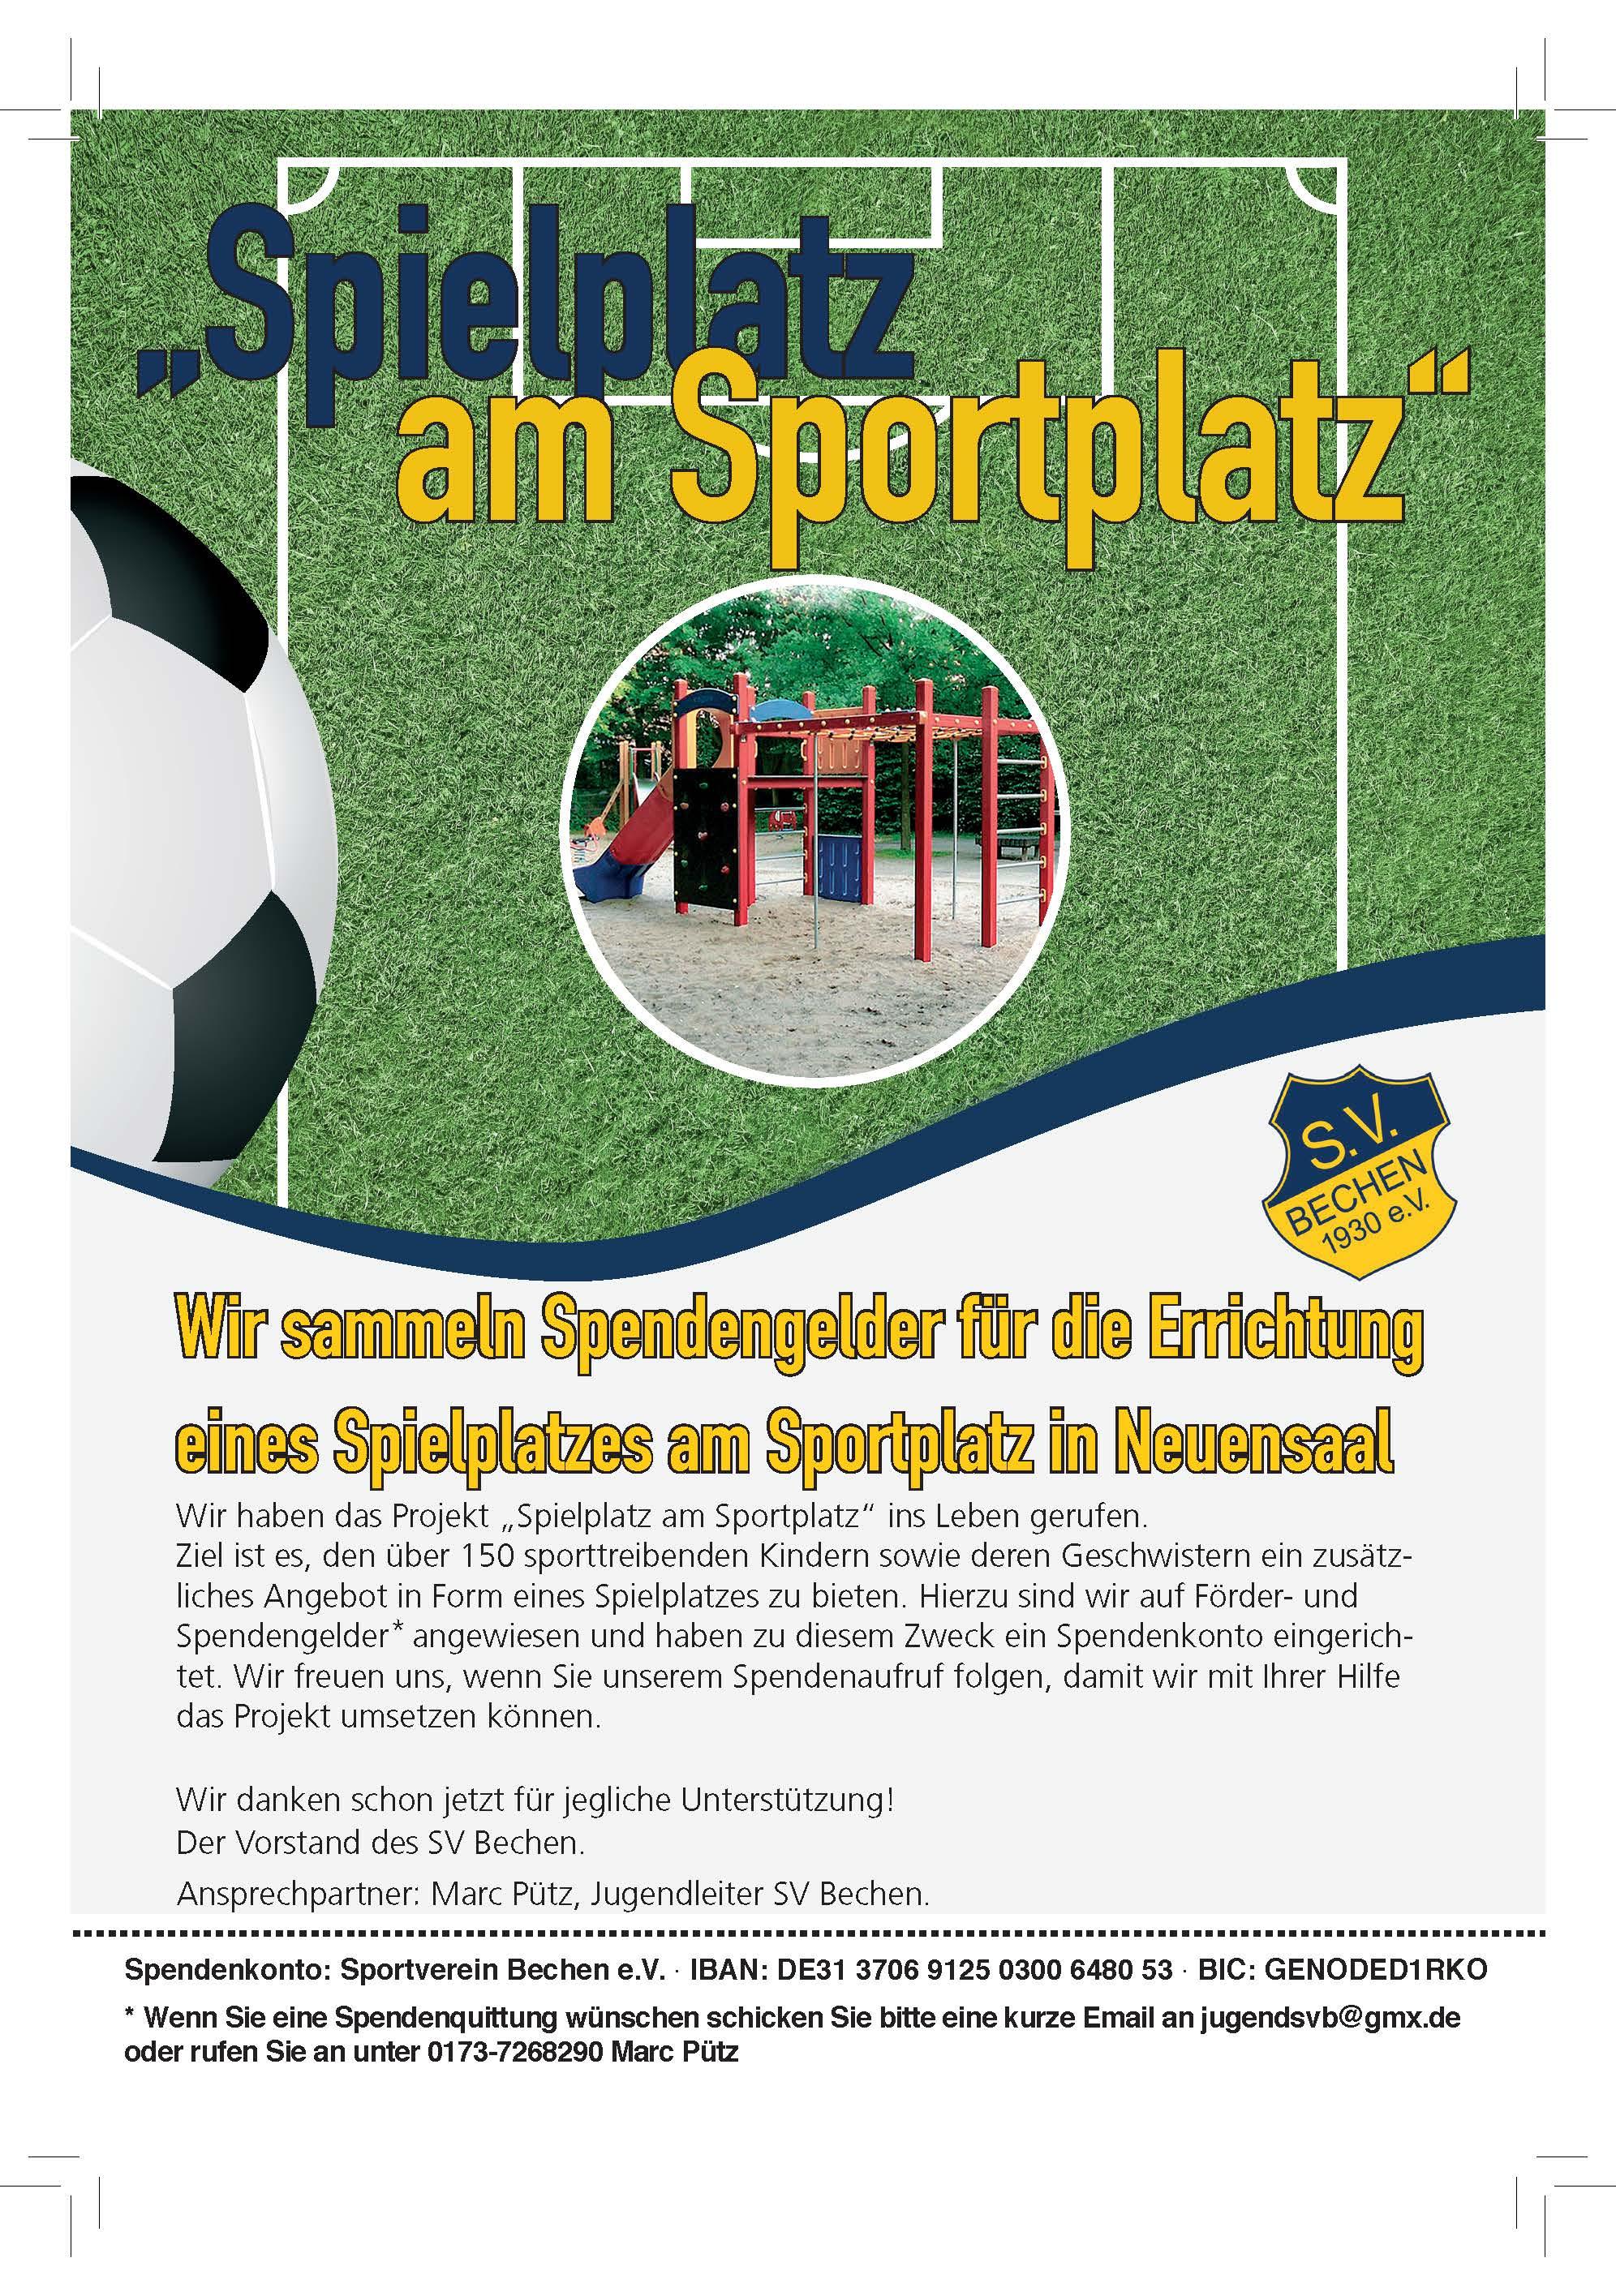 Sponsoren_Bechen_A5-2